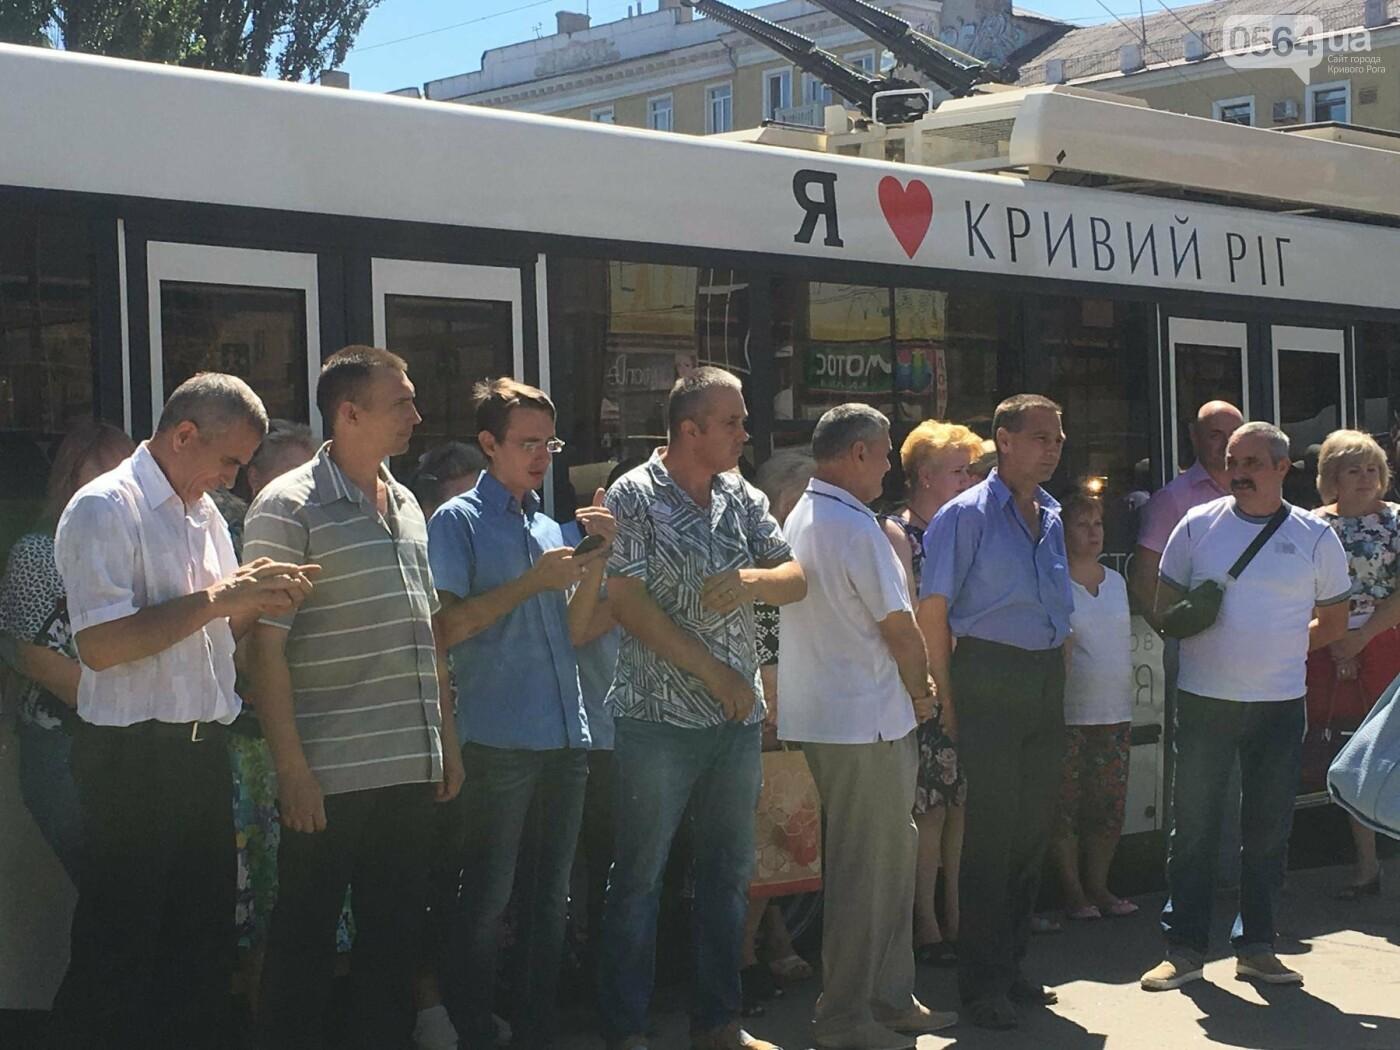 Как в Кривом Роге торжественно вручили водителям ключи от новых троллейбусов и автобусов, - ФОТО, ВИДЕО, фото-15